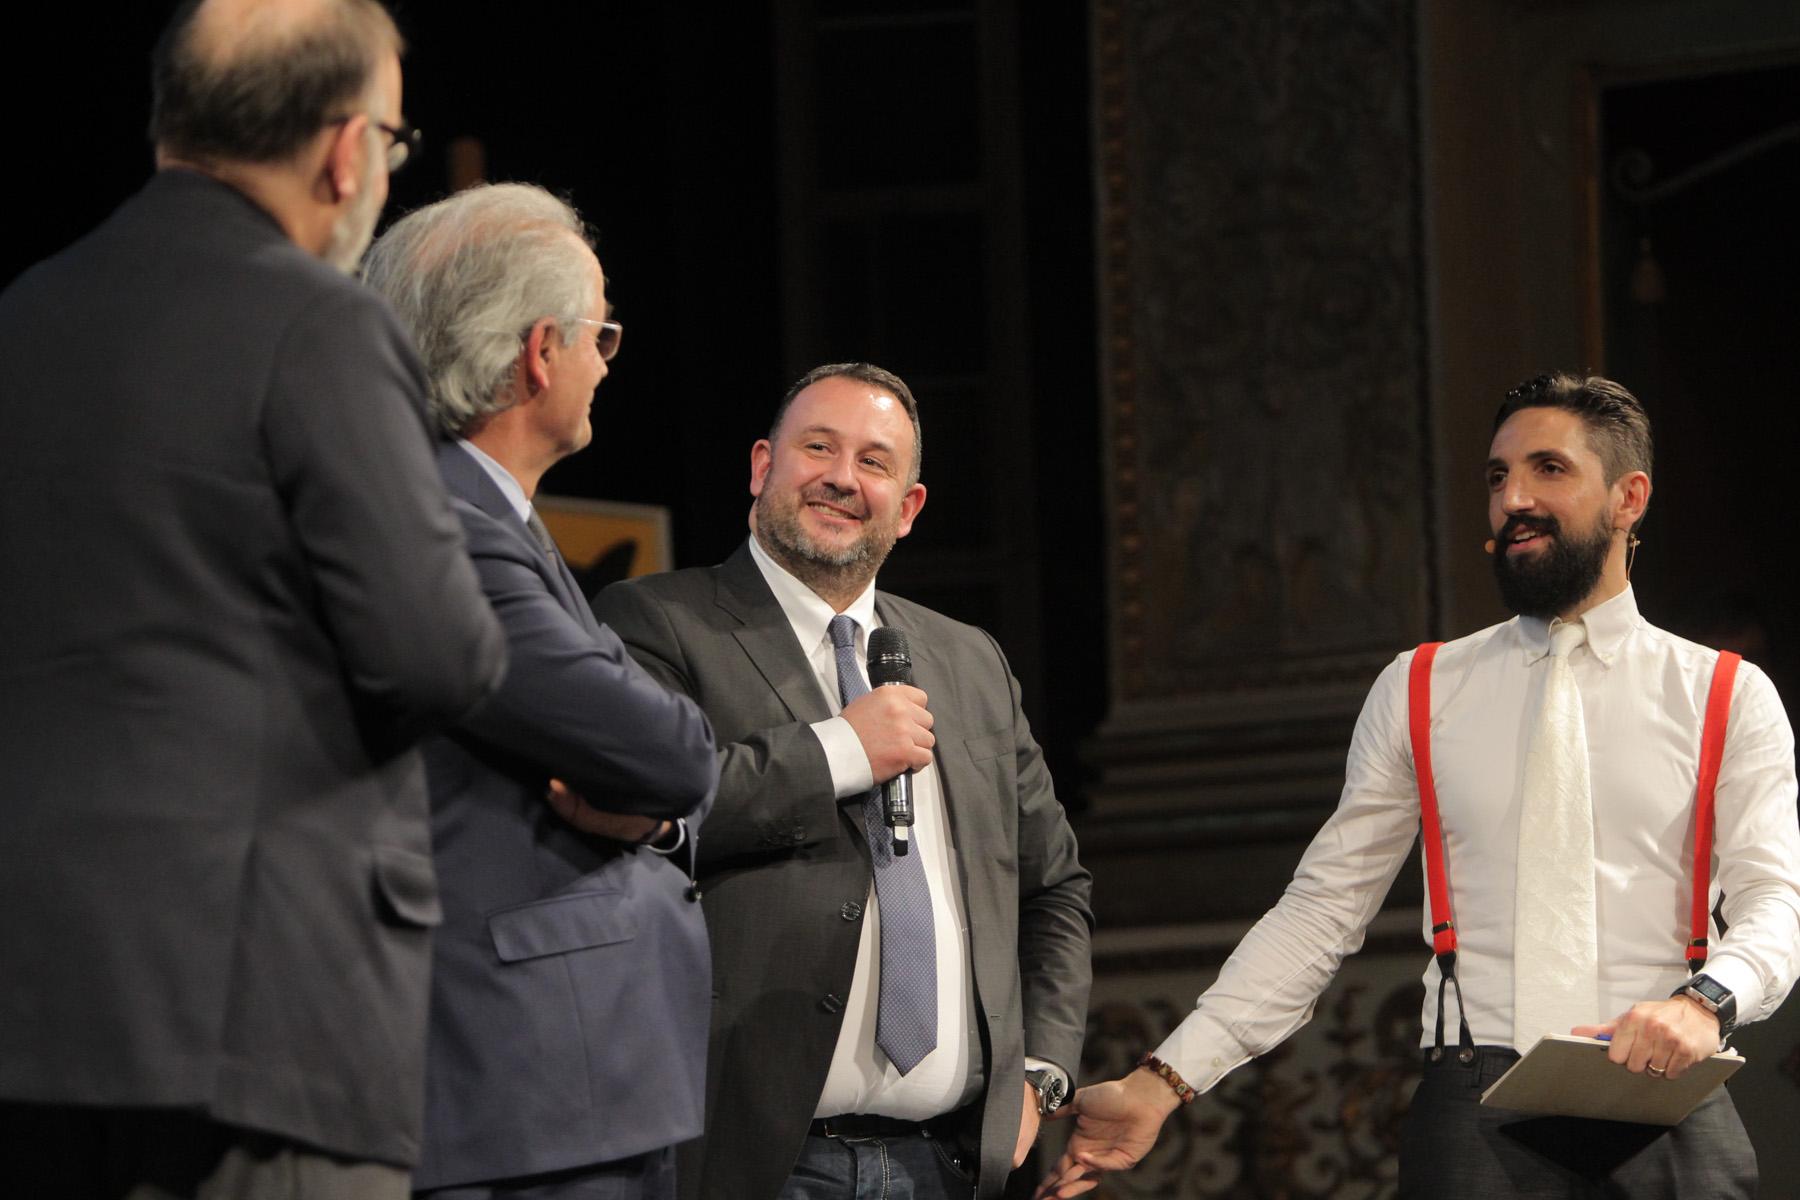 http://www.centropagina.it/wp-content/uploads/2017/02/Pagina-Jesi-in-Progress-Repubblica-Rettore-Longhi-Gialetti-Socci-.jpg